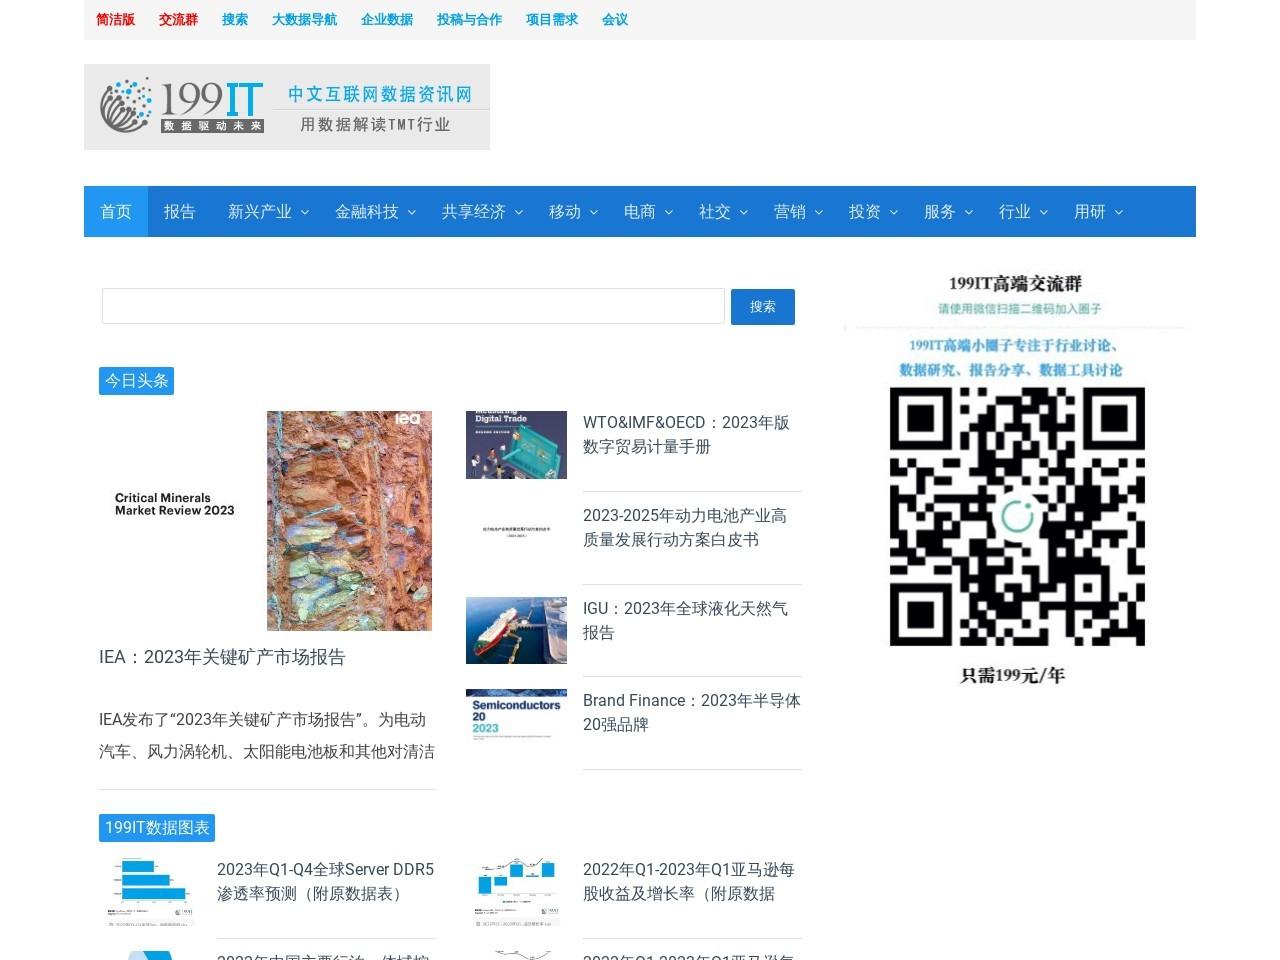 中文互联网数据研究资讯中心